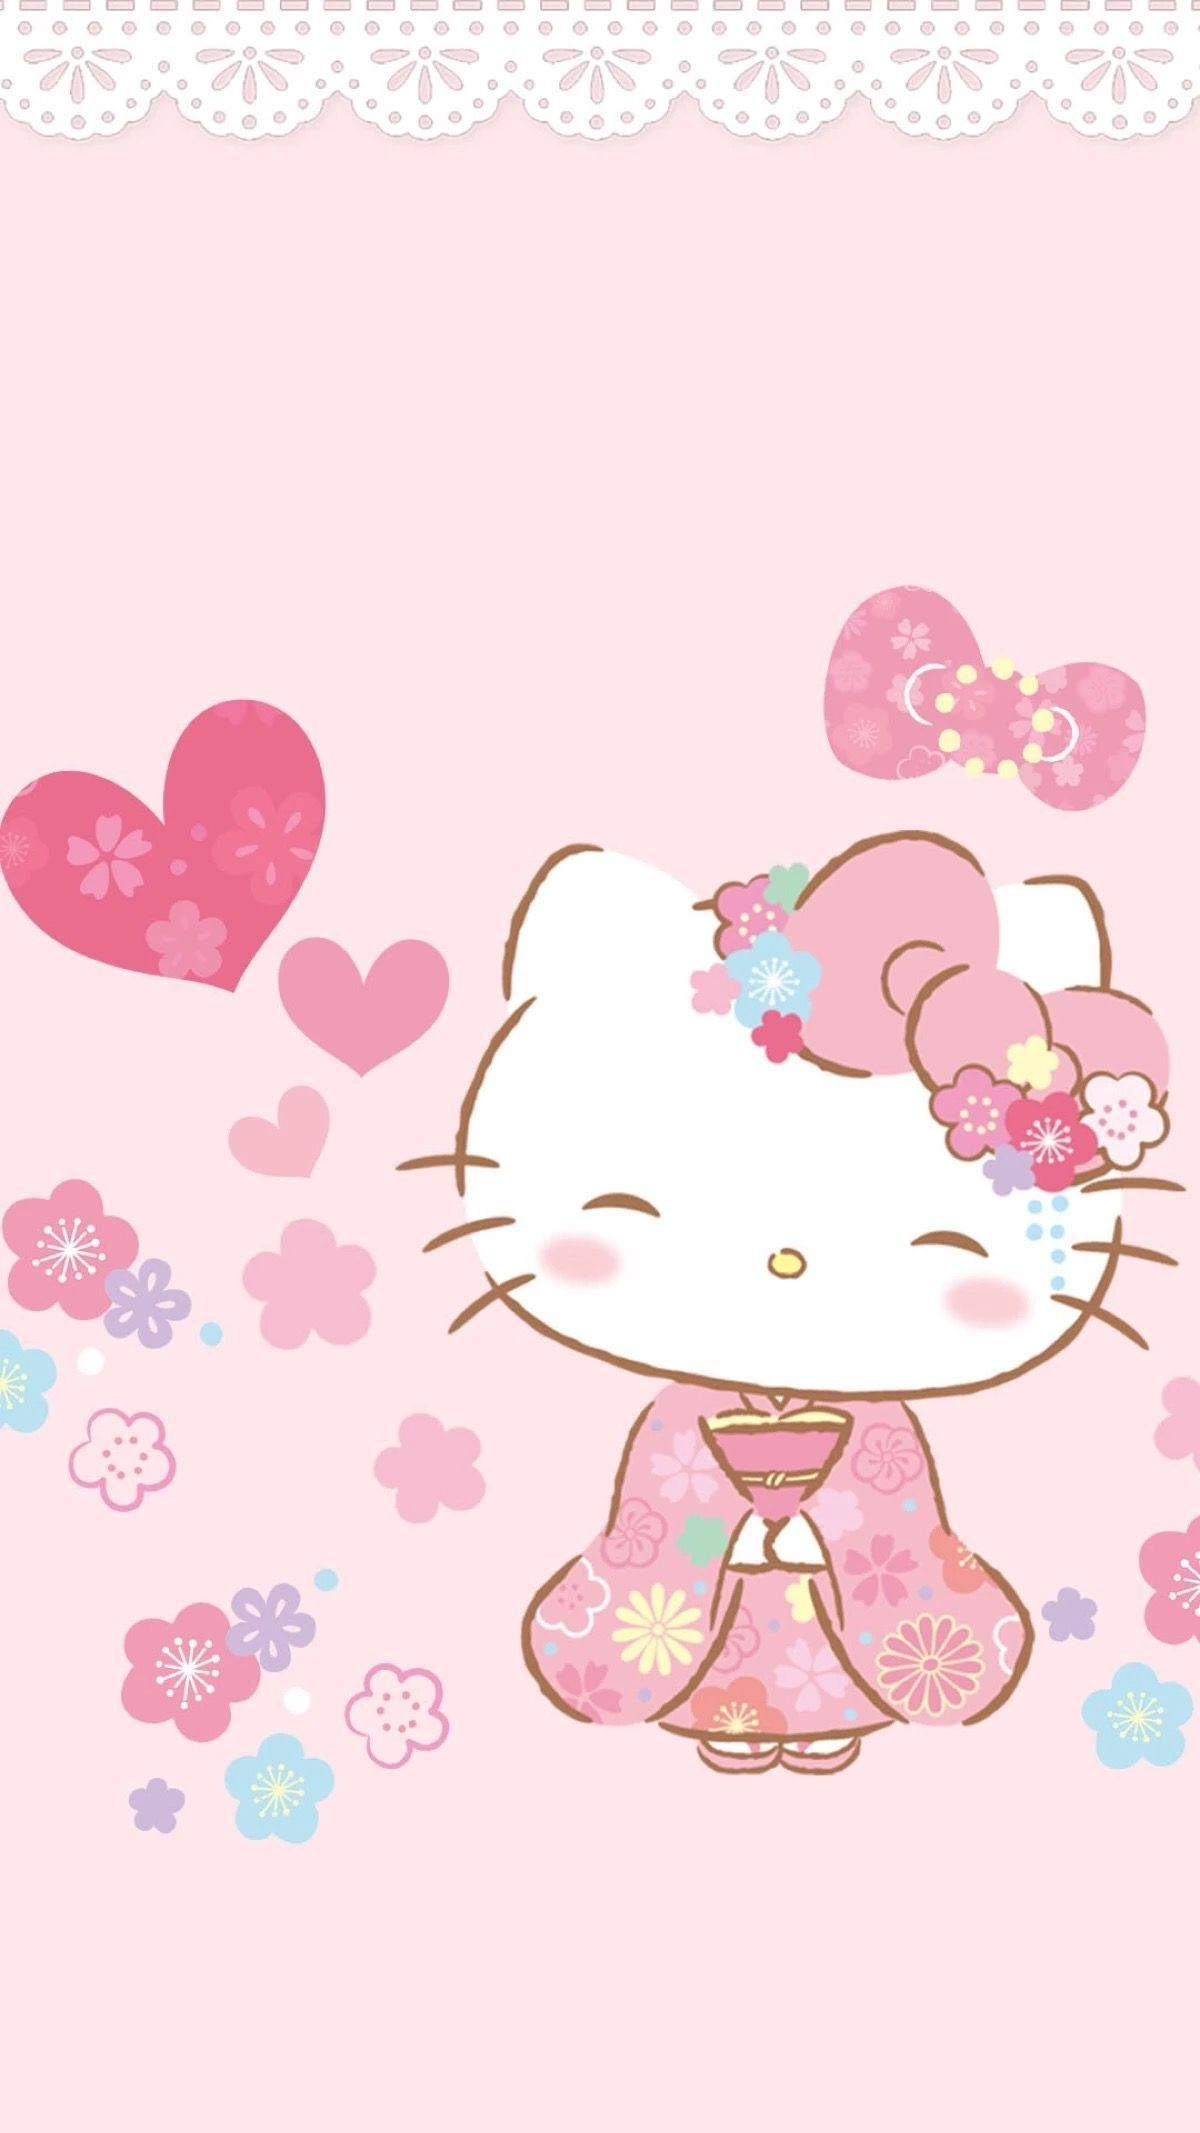 Hellokitty Sanrio Wallpaper Hello Kitty Wallpaper Iphone Regarding Hello Kitty Wallpaper Ipho In 2020 Hello Kitty Pictures Hello Kitty Backgrounds Walpaper Hello Kitty